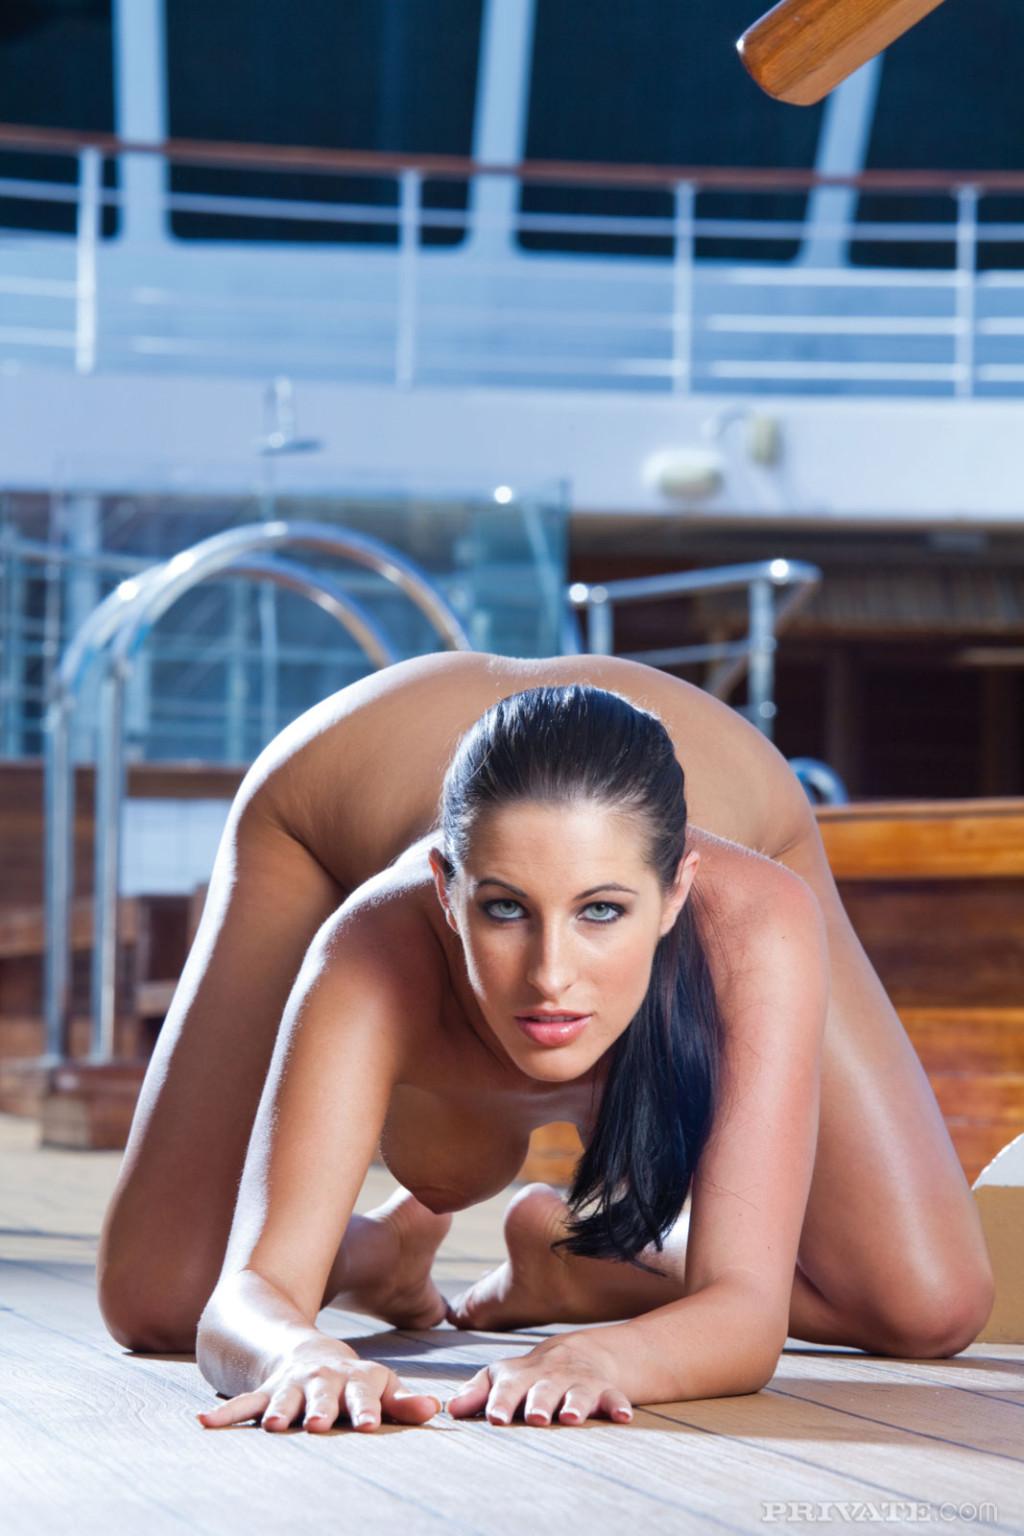 Ебля длинноногой Кортни на яхте